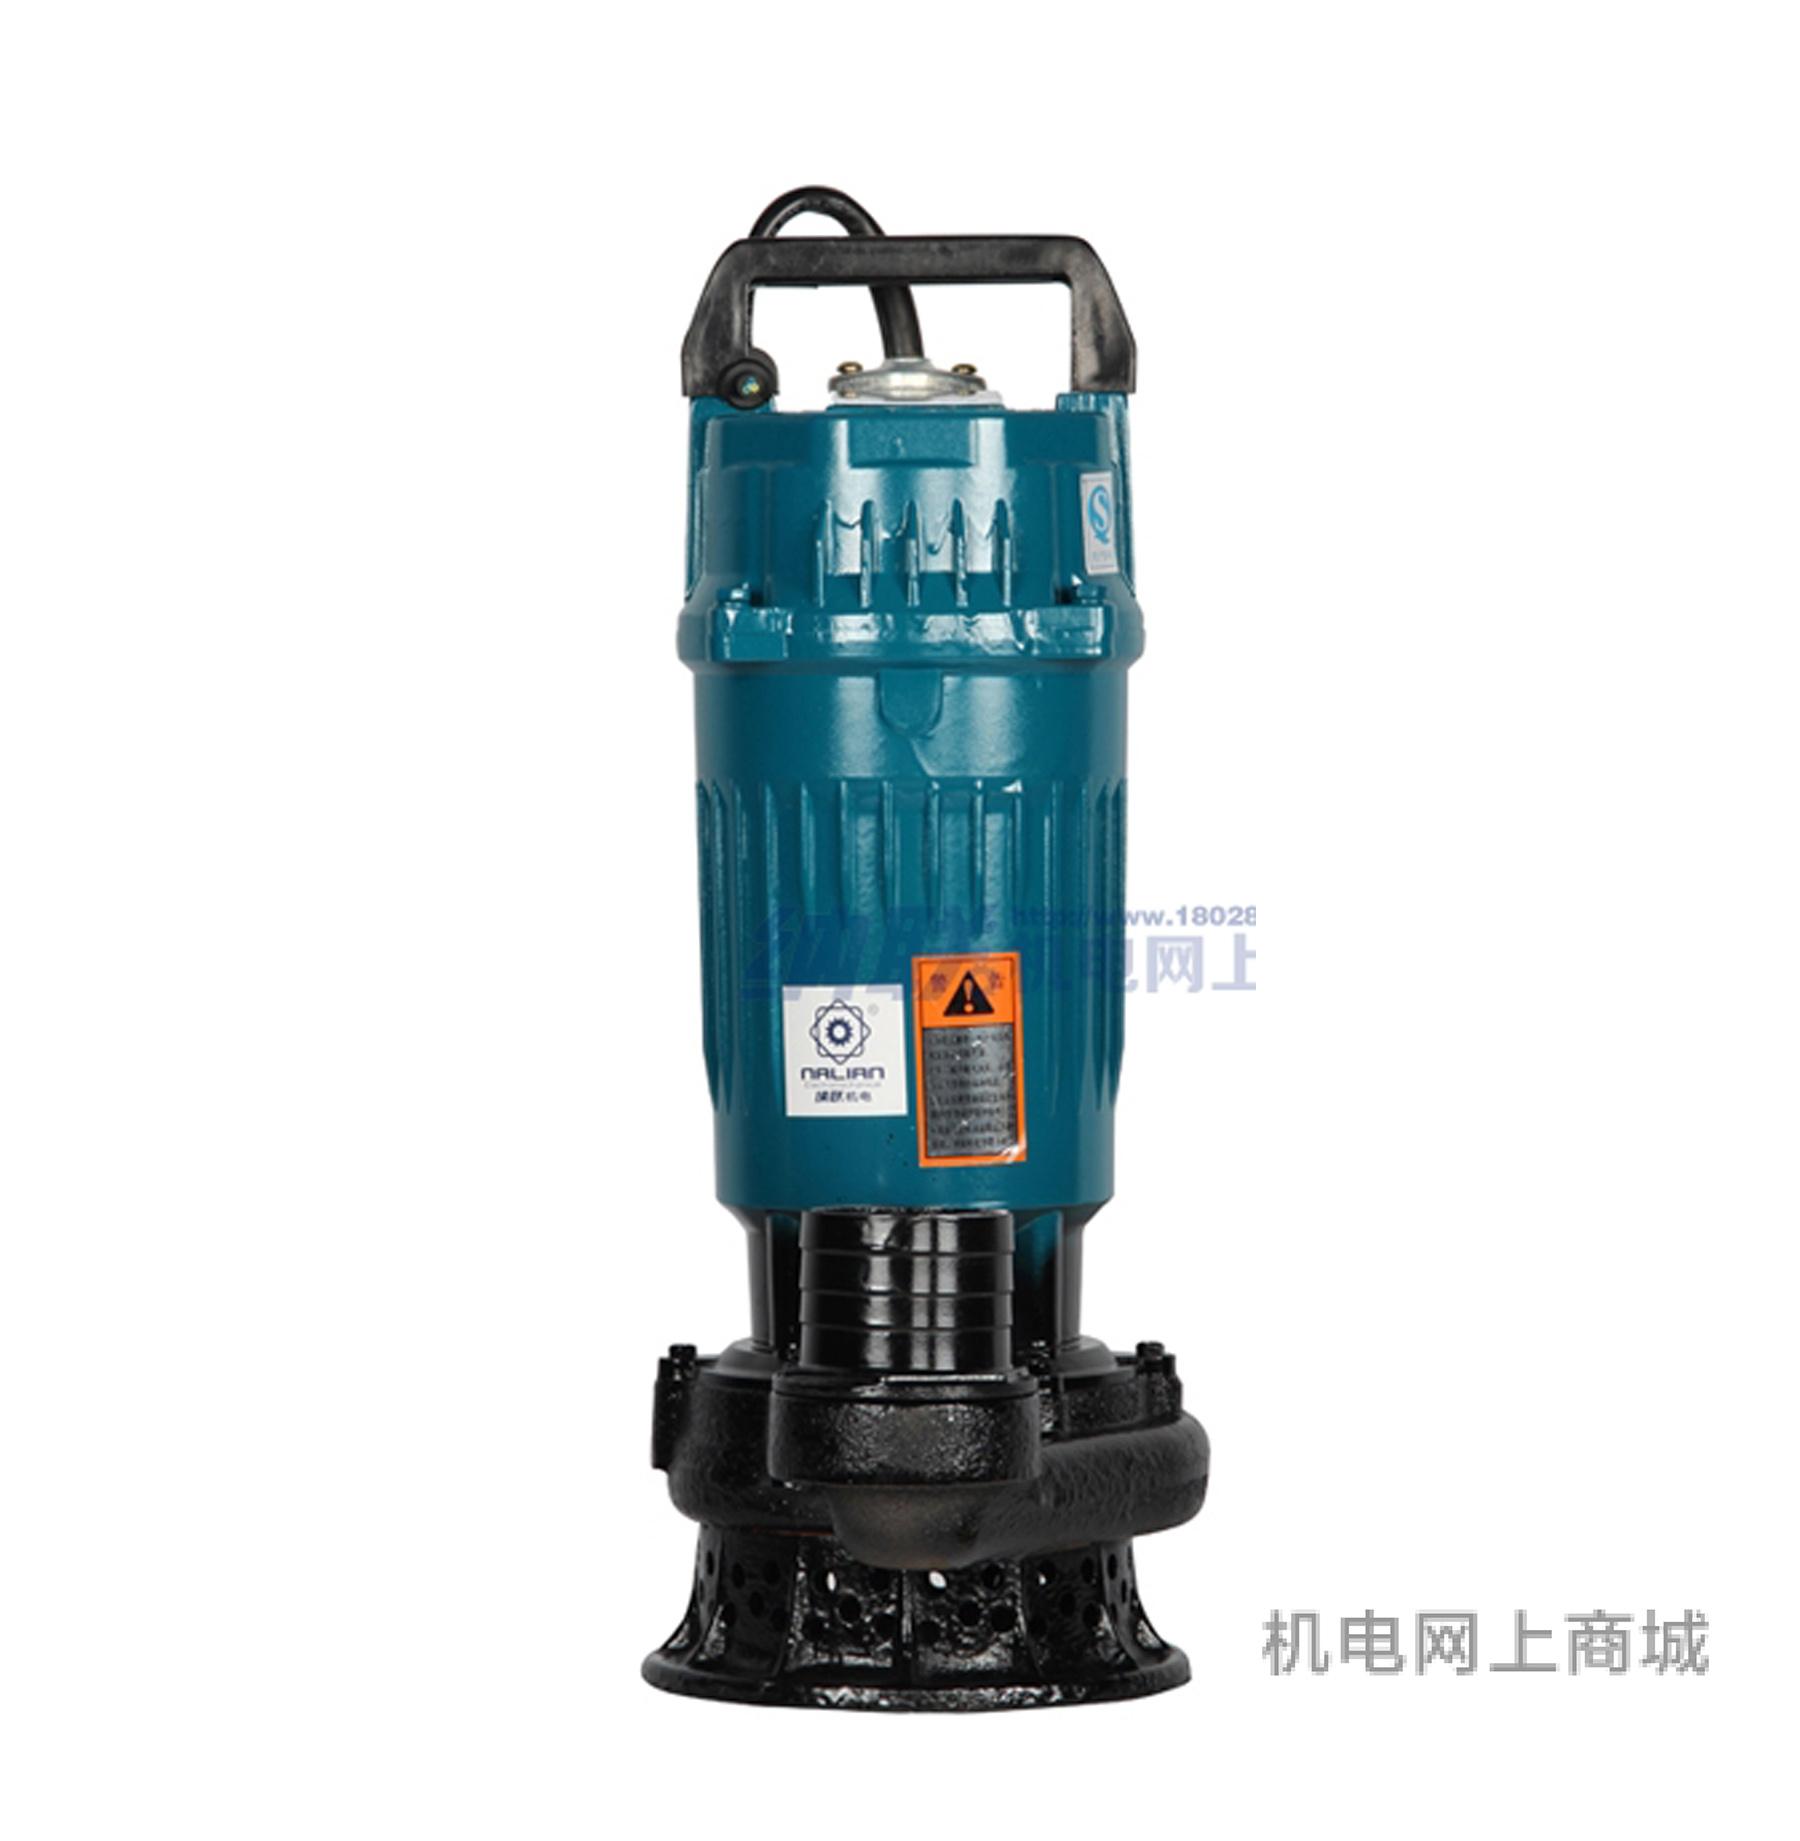 纳联机电 潜水泵-QDX10-16-0.75单铜-压铸